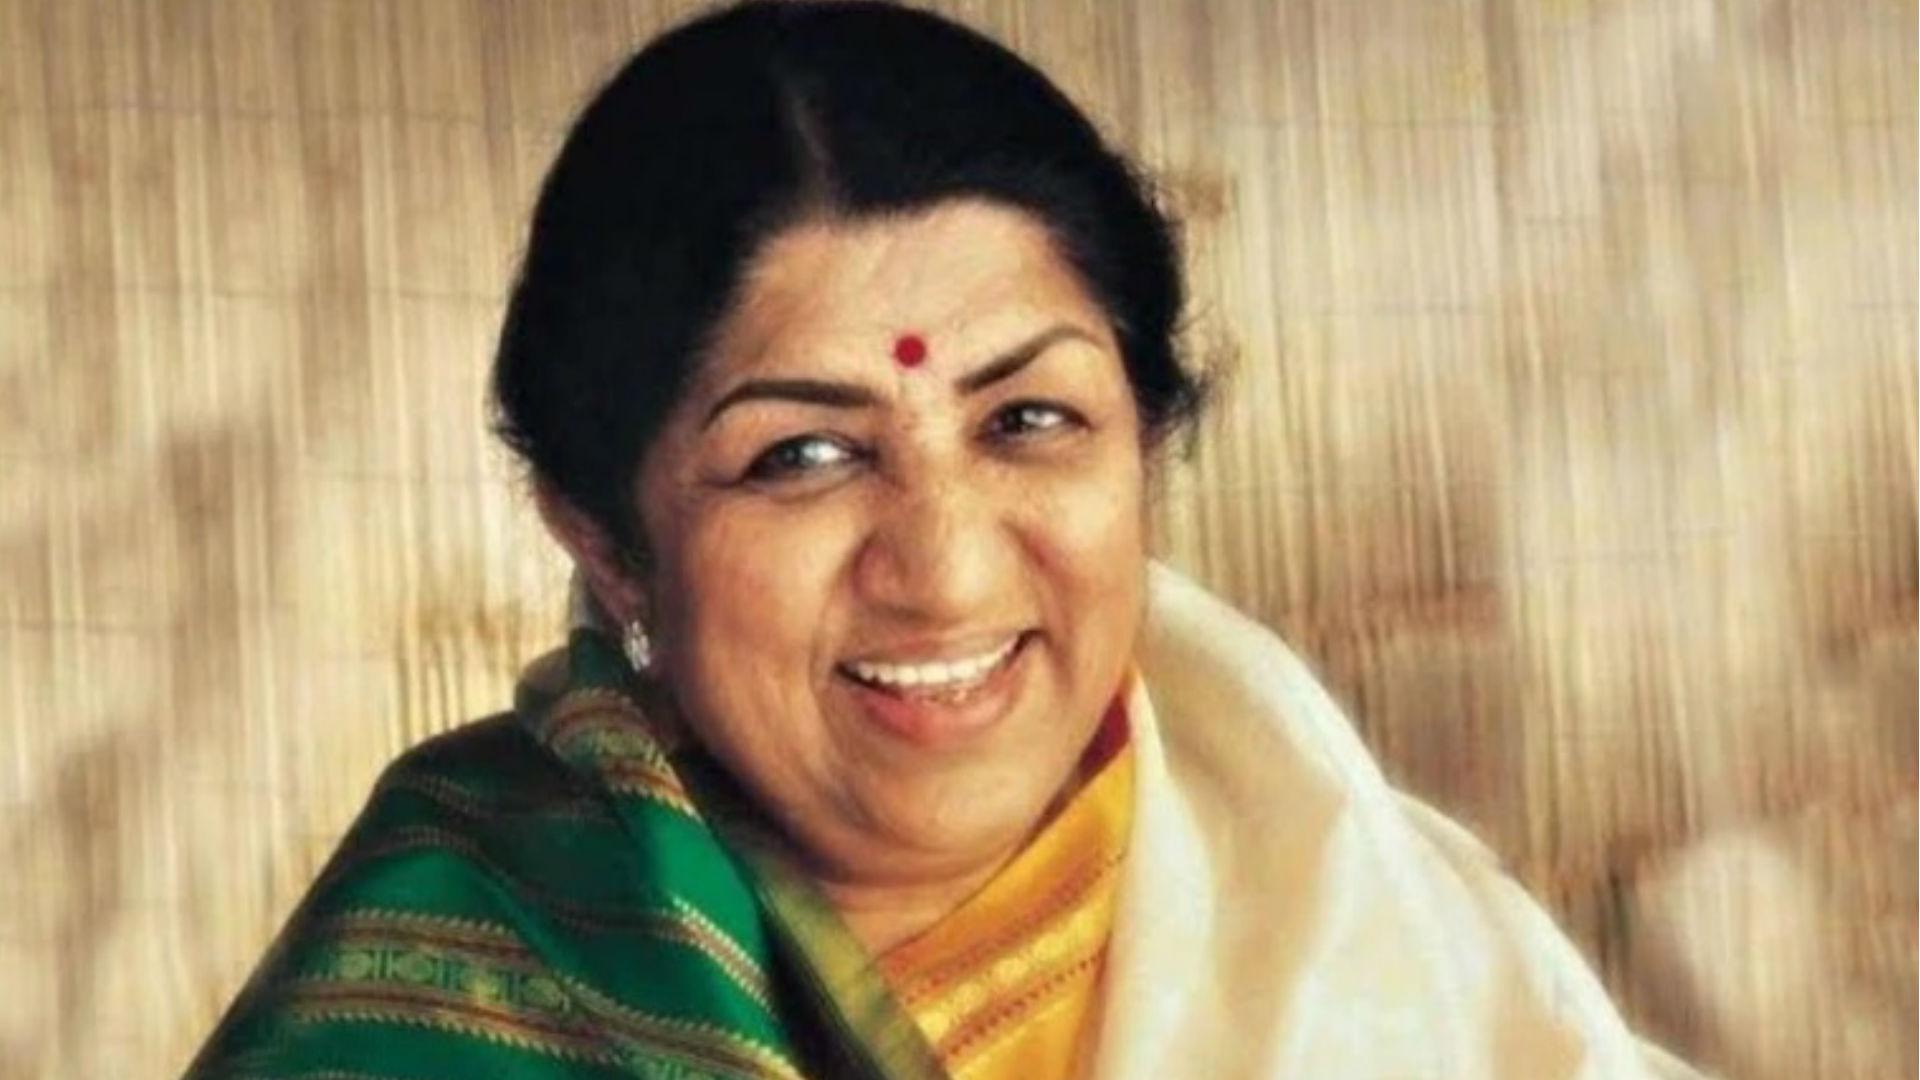 Covid-19 के खिलाफ आगे आईं लता मंगेशकर, महाराष्ट्र सरकार को दान में दिए इतनी रकम